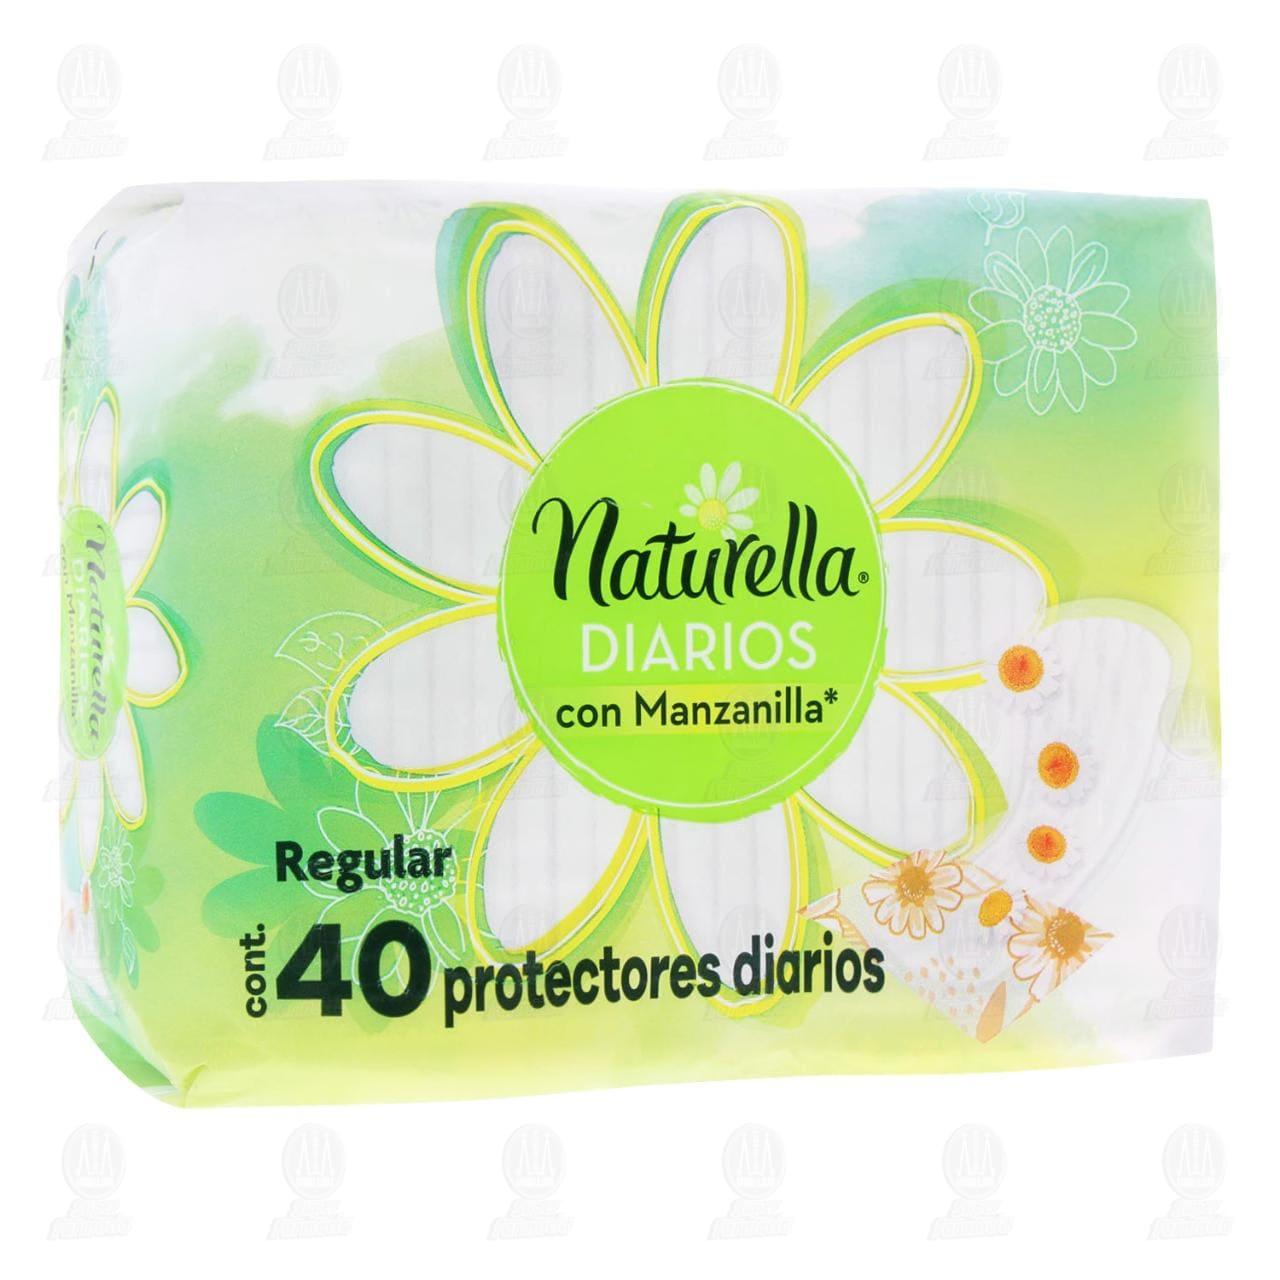 Protectores Naturella Diarios con Manzanilla, 40 pzas.